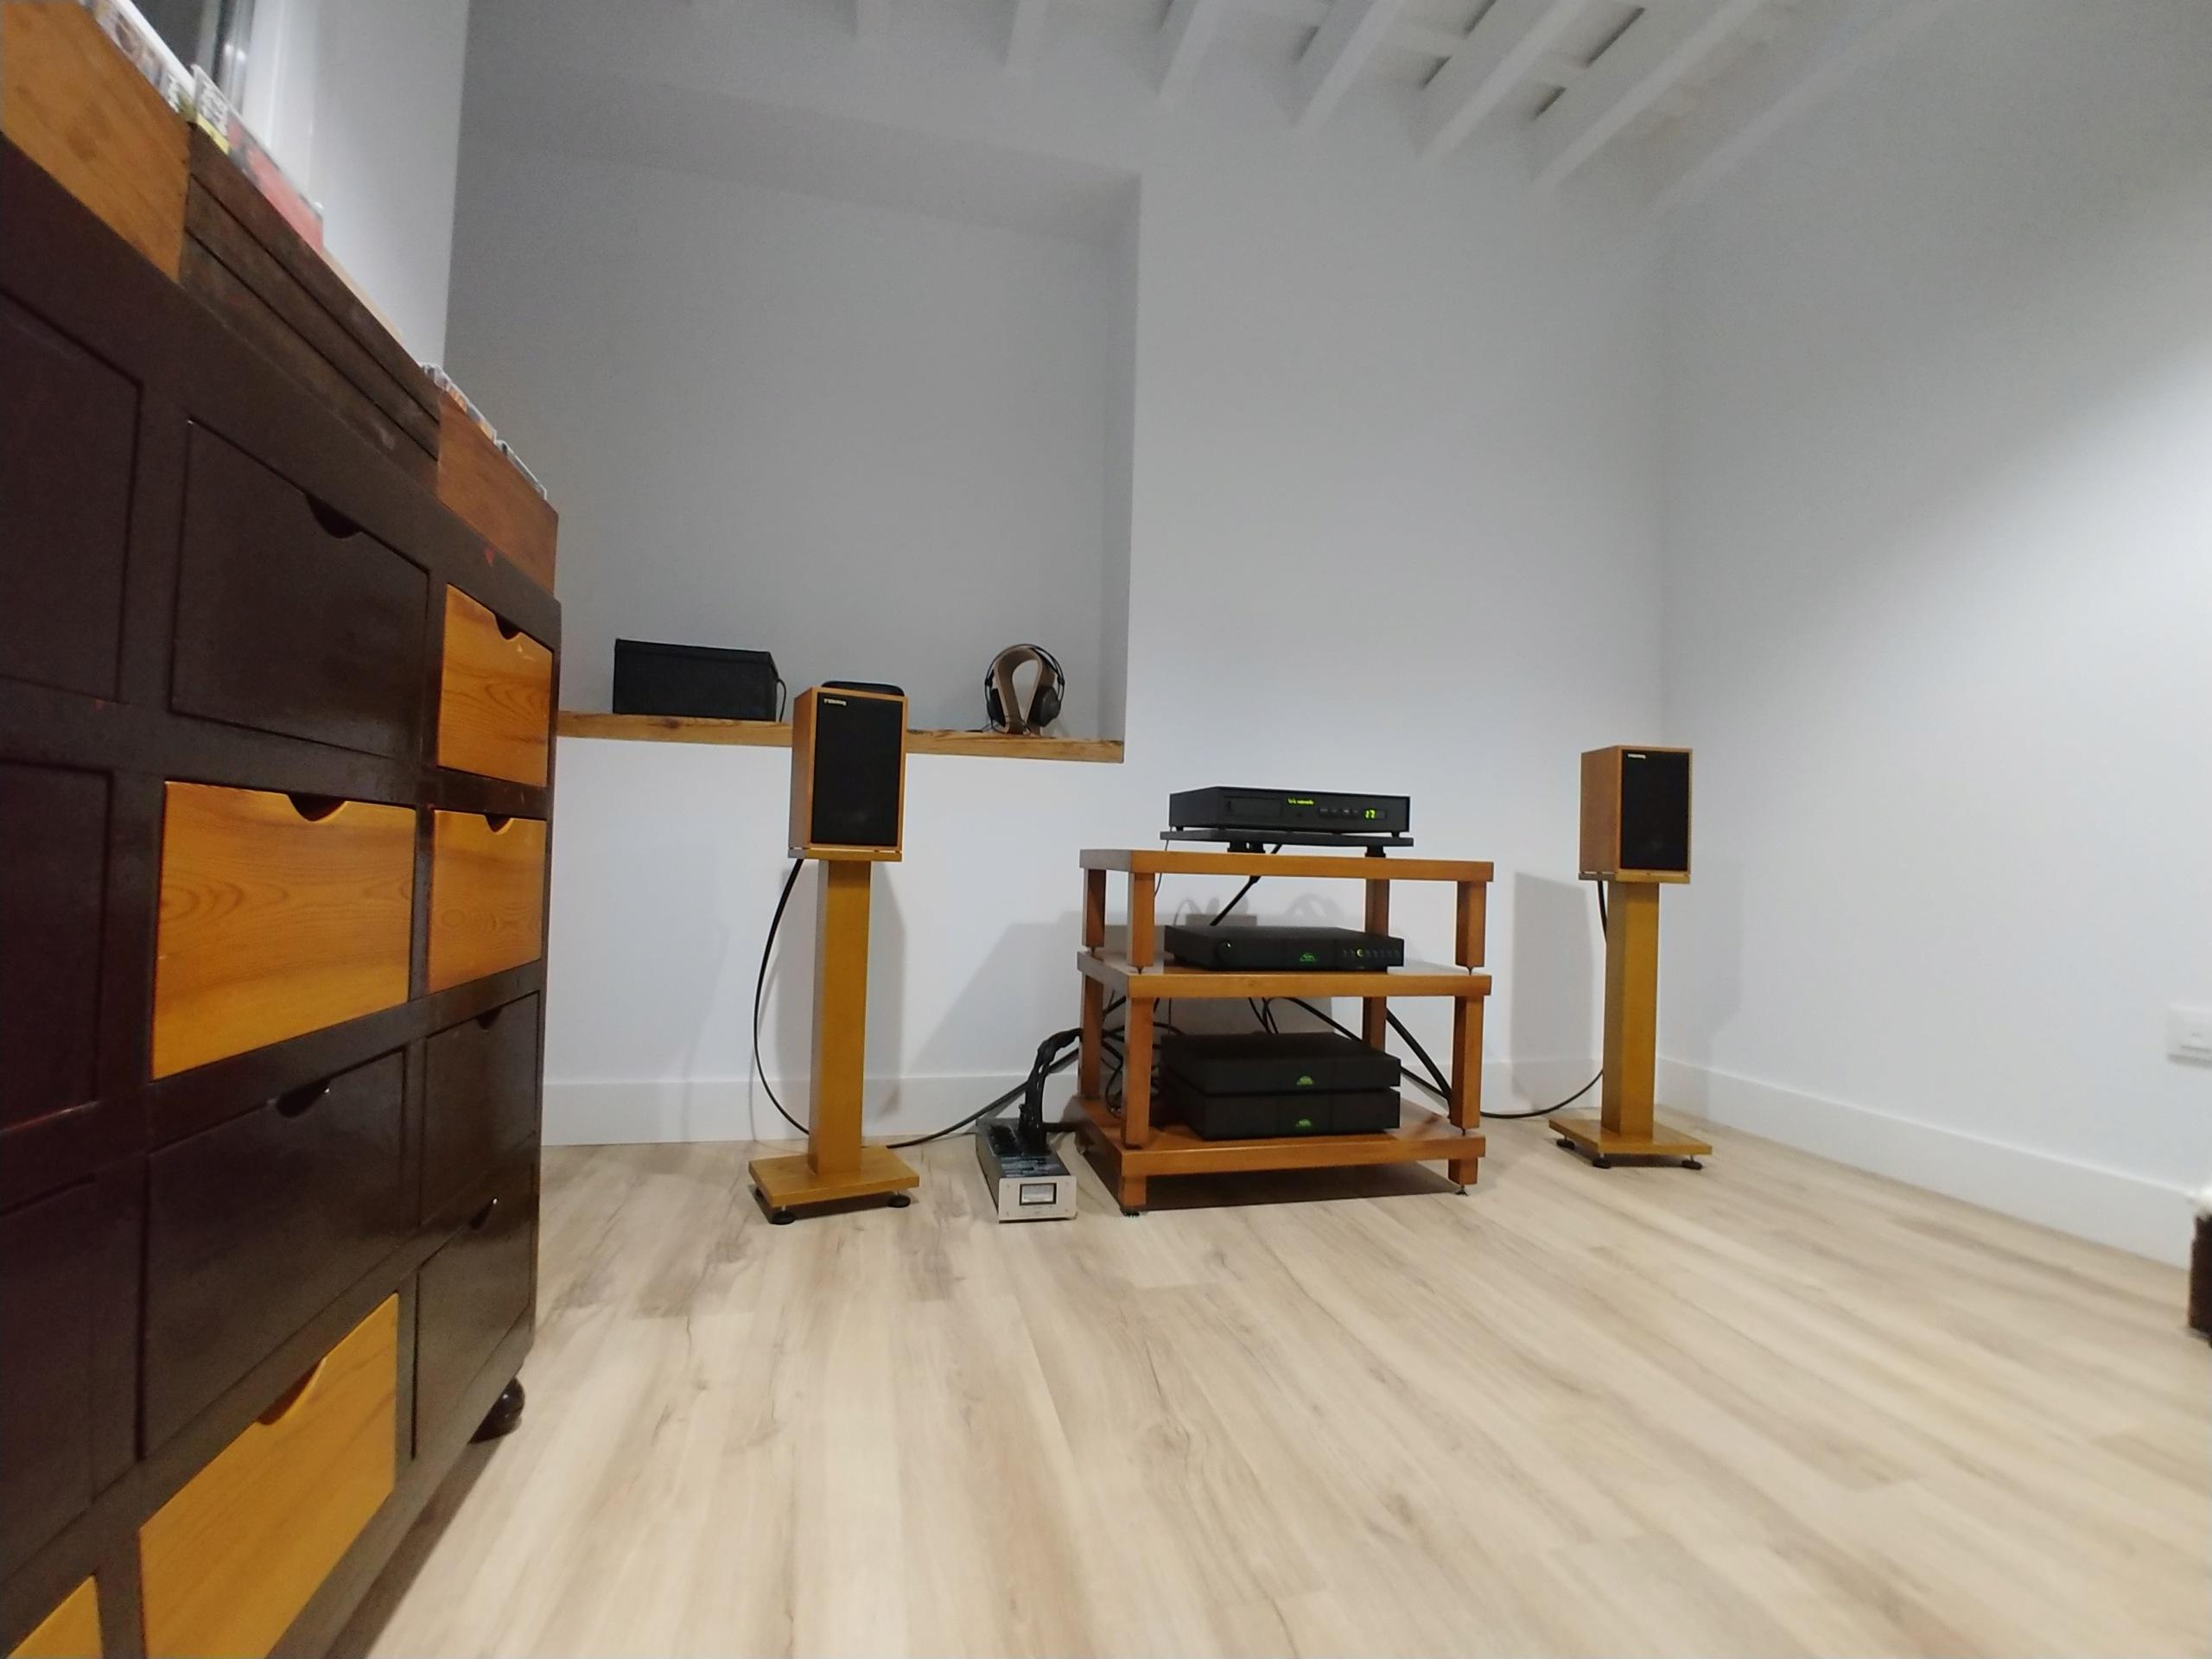 Nueva sala de Koko61 20190717